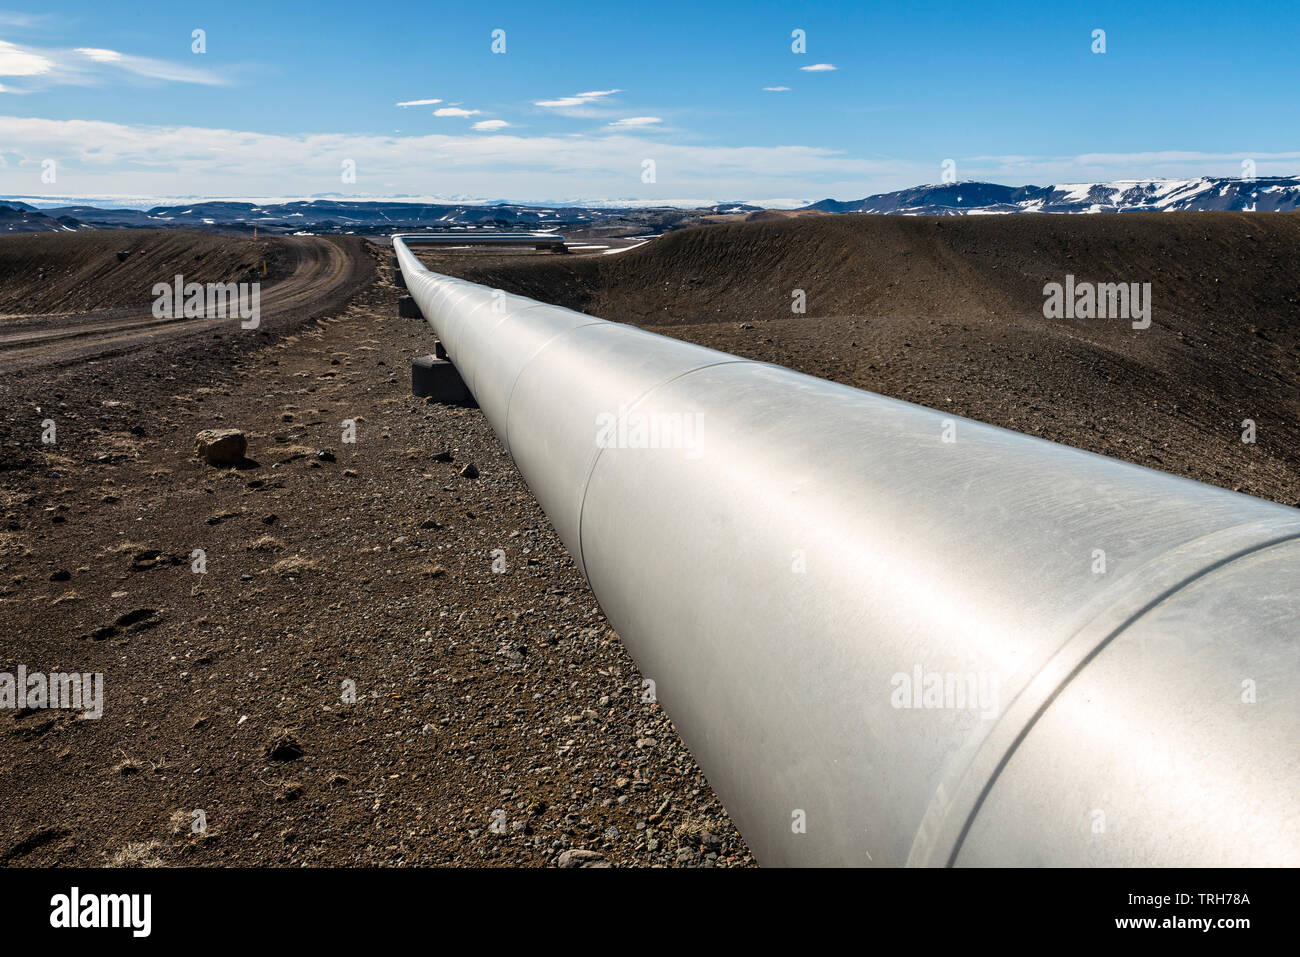 Vicino a Myvatn, a nord-est dell'Islanda. Tubi isolati portano il vapore ad alta pressione da fori di trivellazione vulcanica al Krafla Centrale geotermica elettrica Immagini Stock